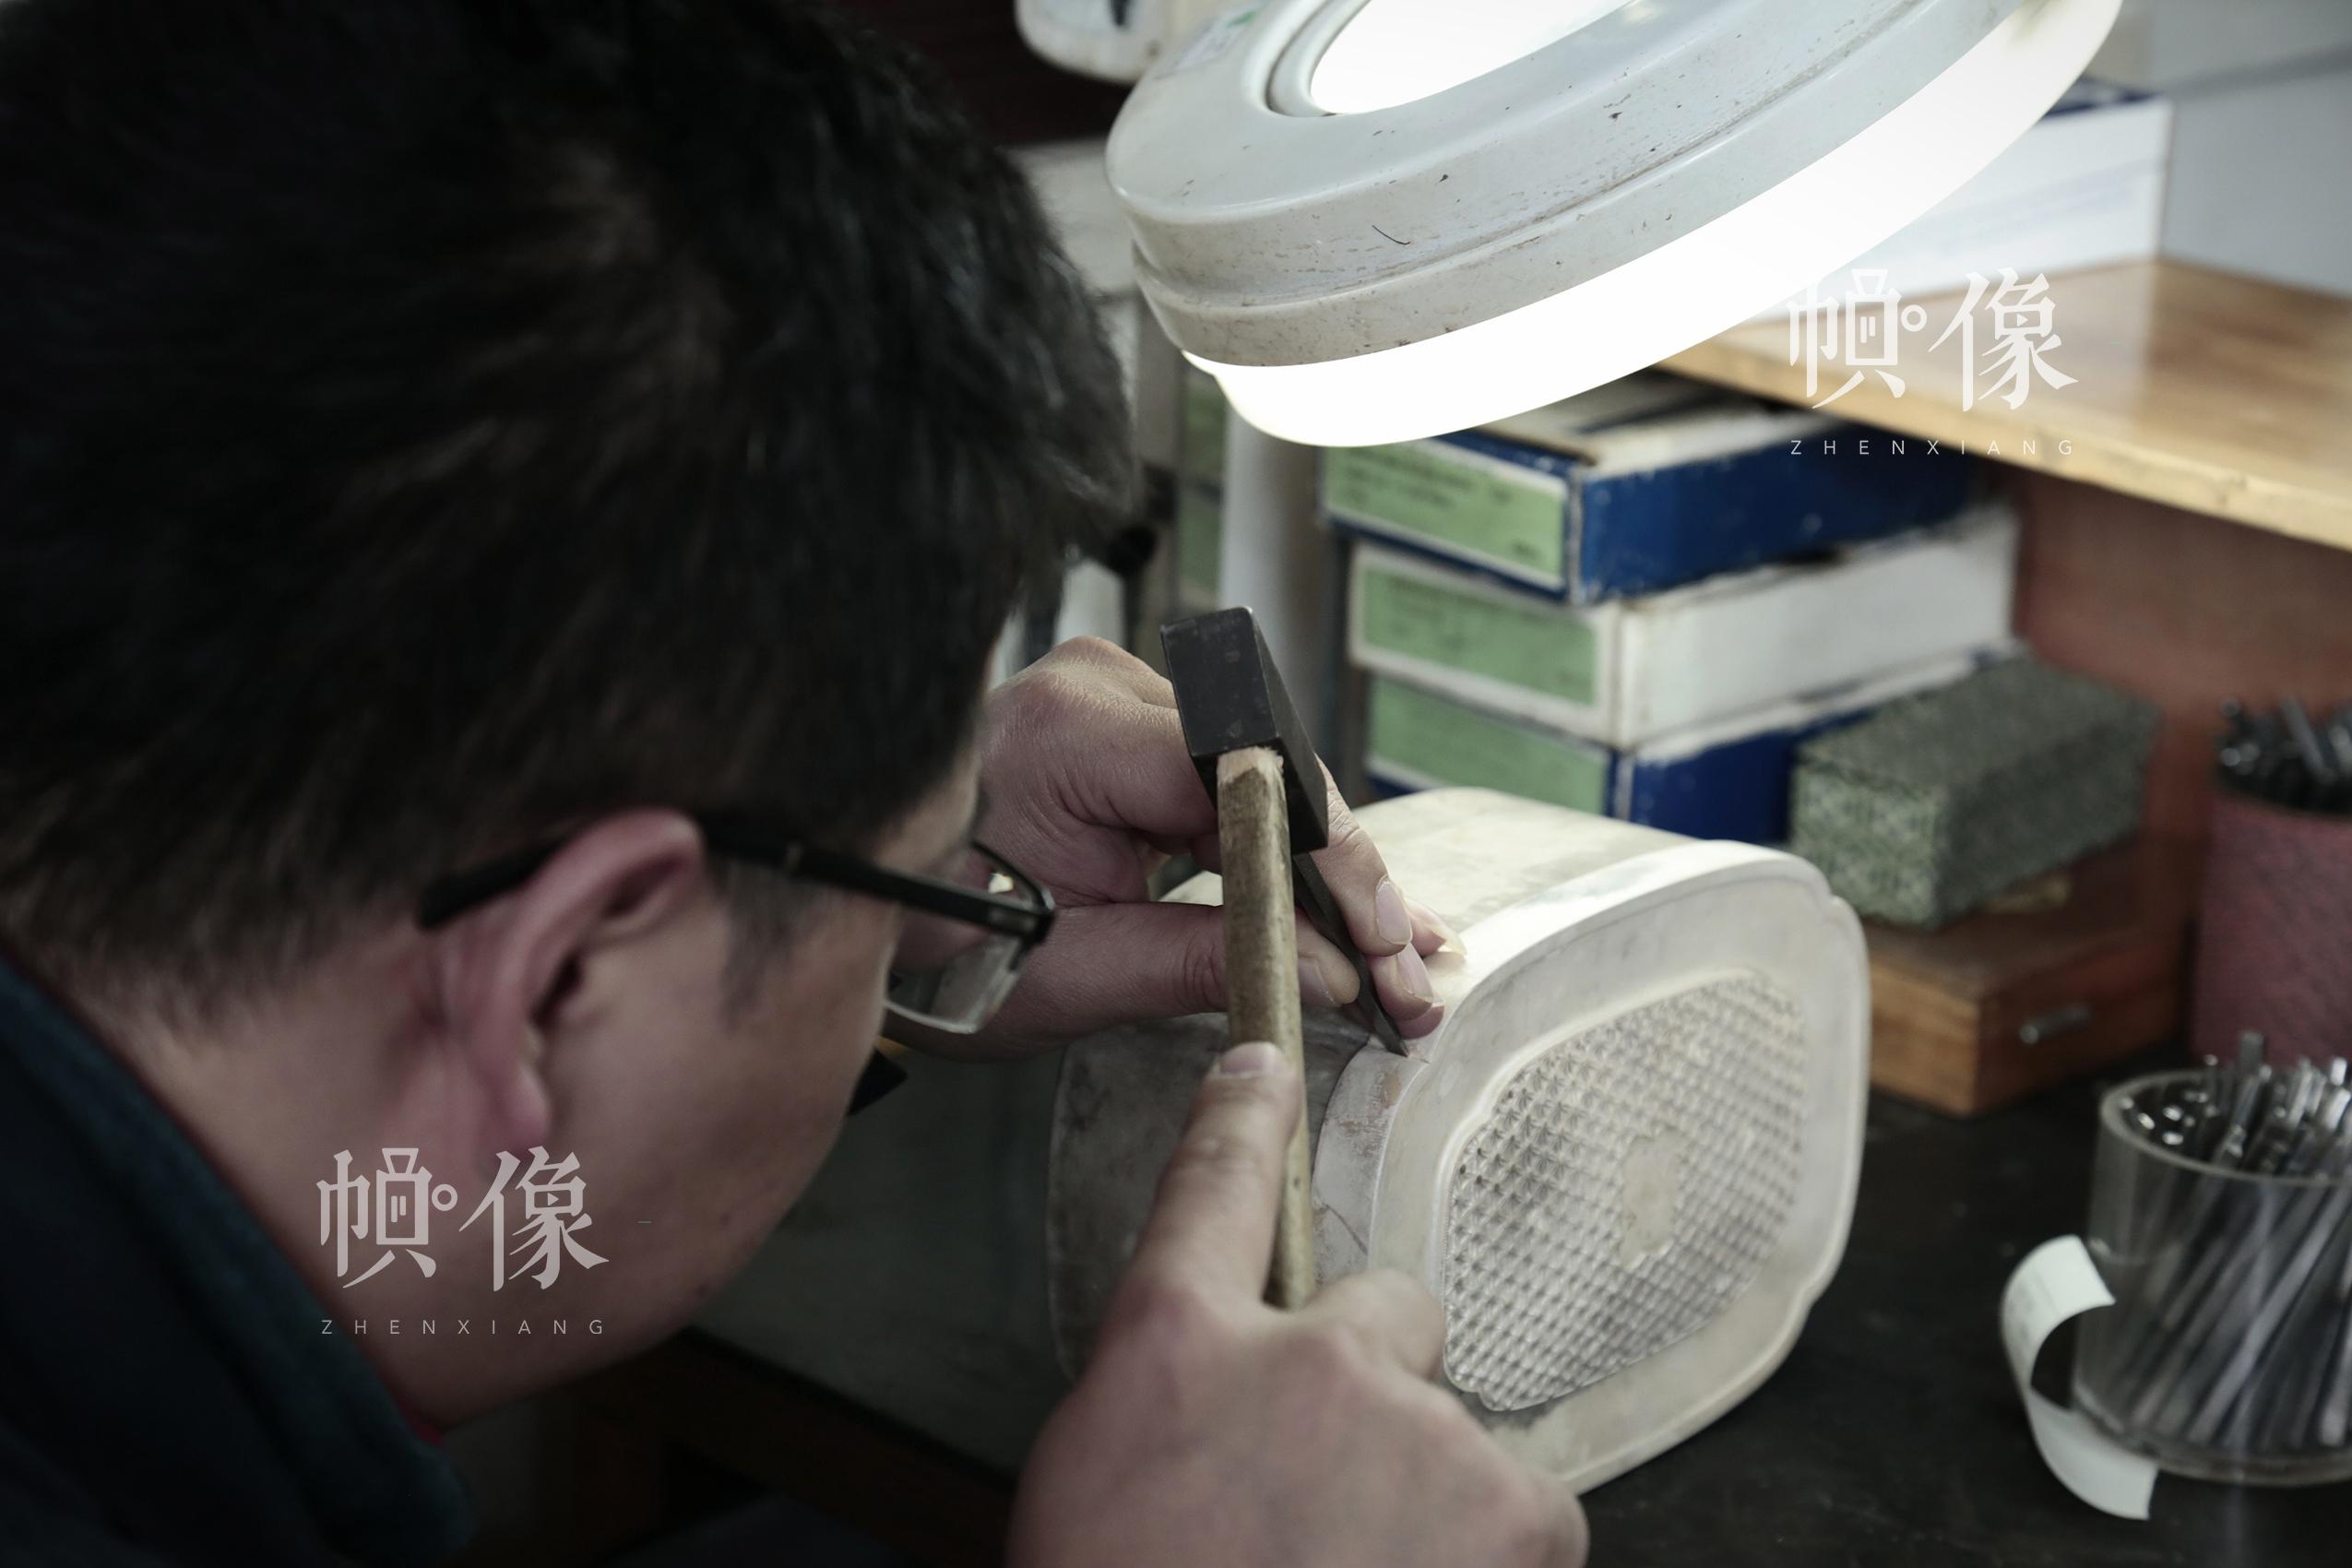 2018年3月3日,北京工美集团的一名工匠向记者演示国礼《梦和天下》首饰盒套装的制作程序,盒型取自中式花窗,饰以月季纹饰和珐琅彩海水纹。中国网实习记者 张颖颖 摄